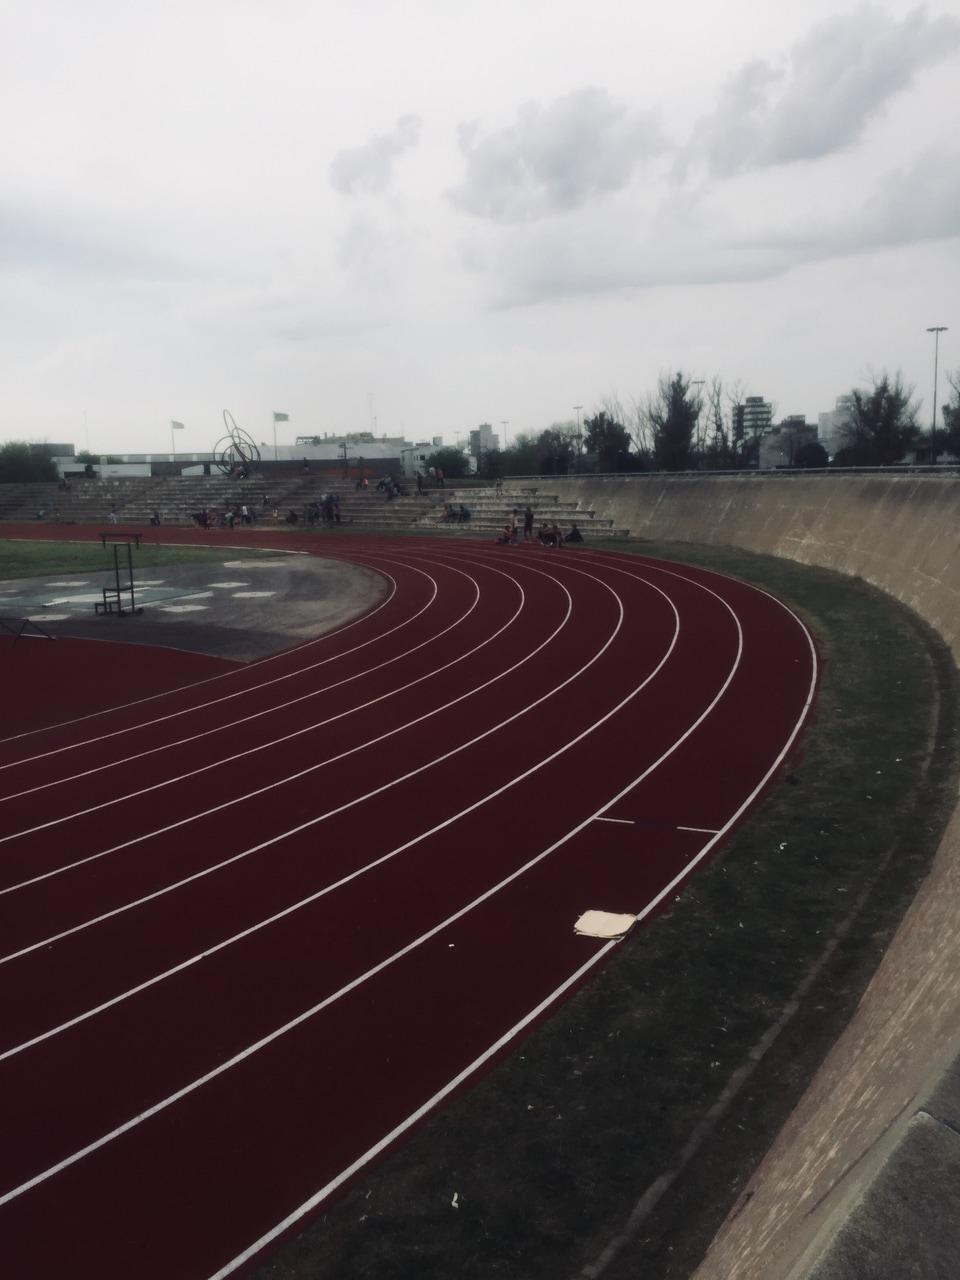 100, athletes, and athletics image